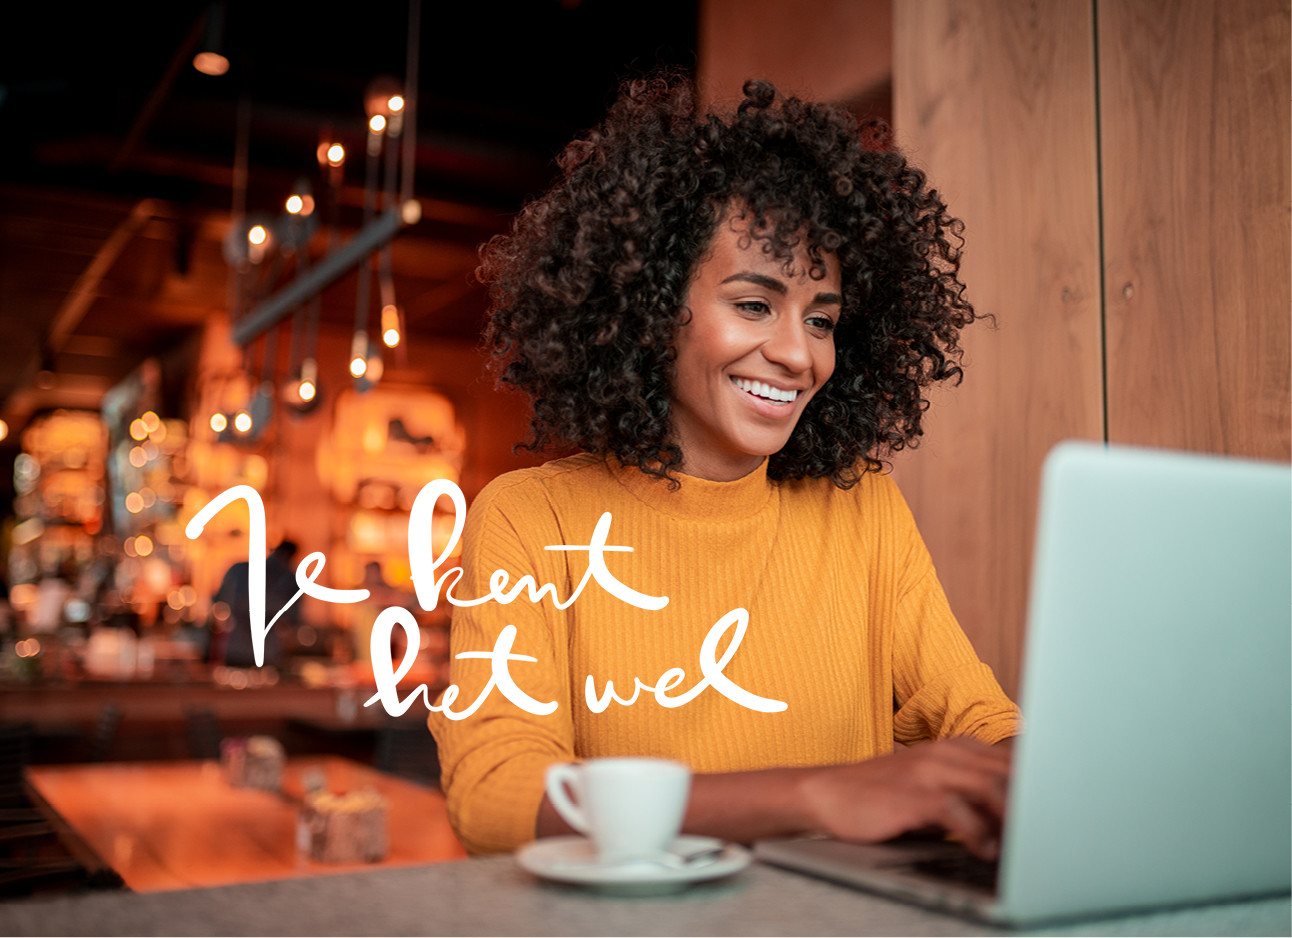 vrouw in een cafe aan het werk lachend naar haar computer tikken